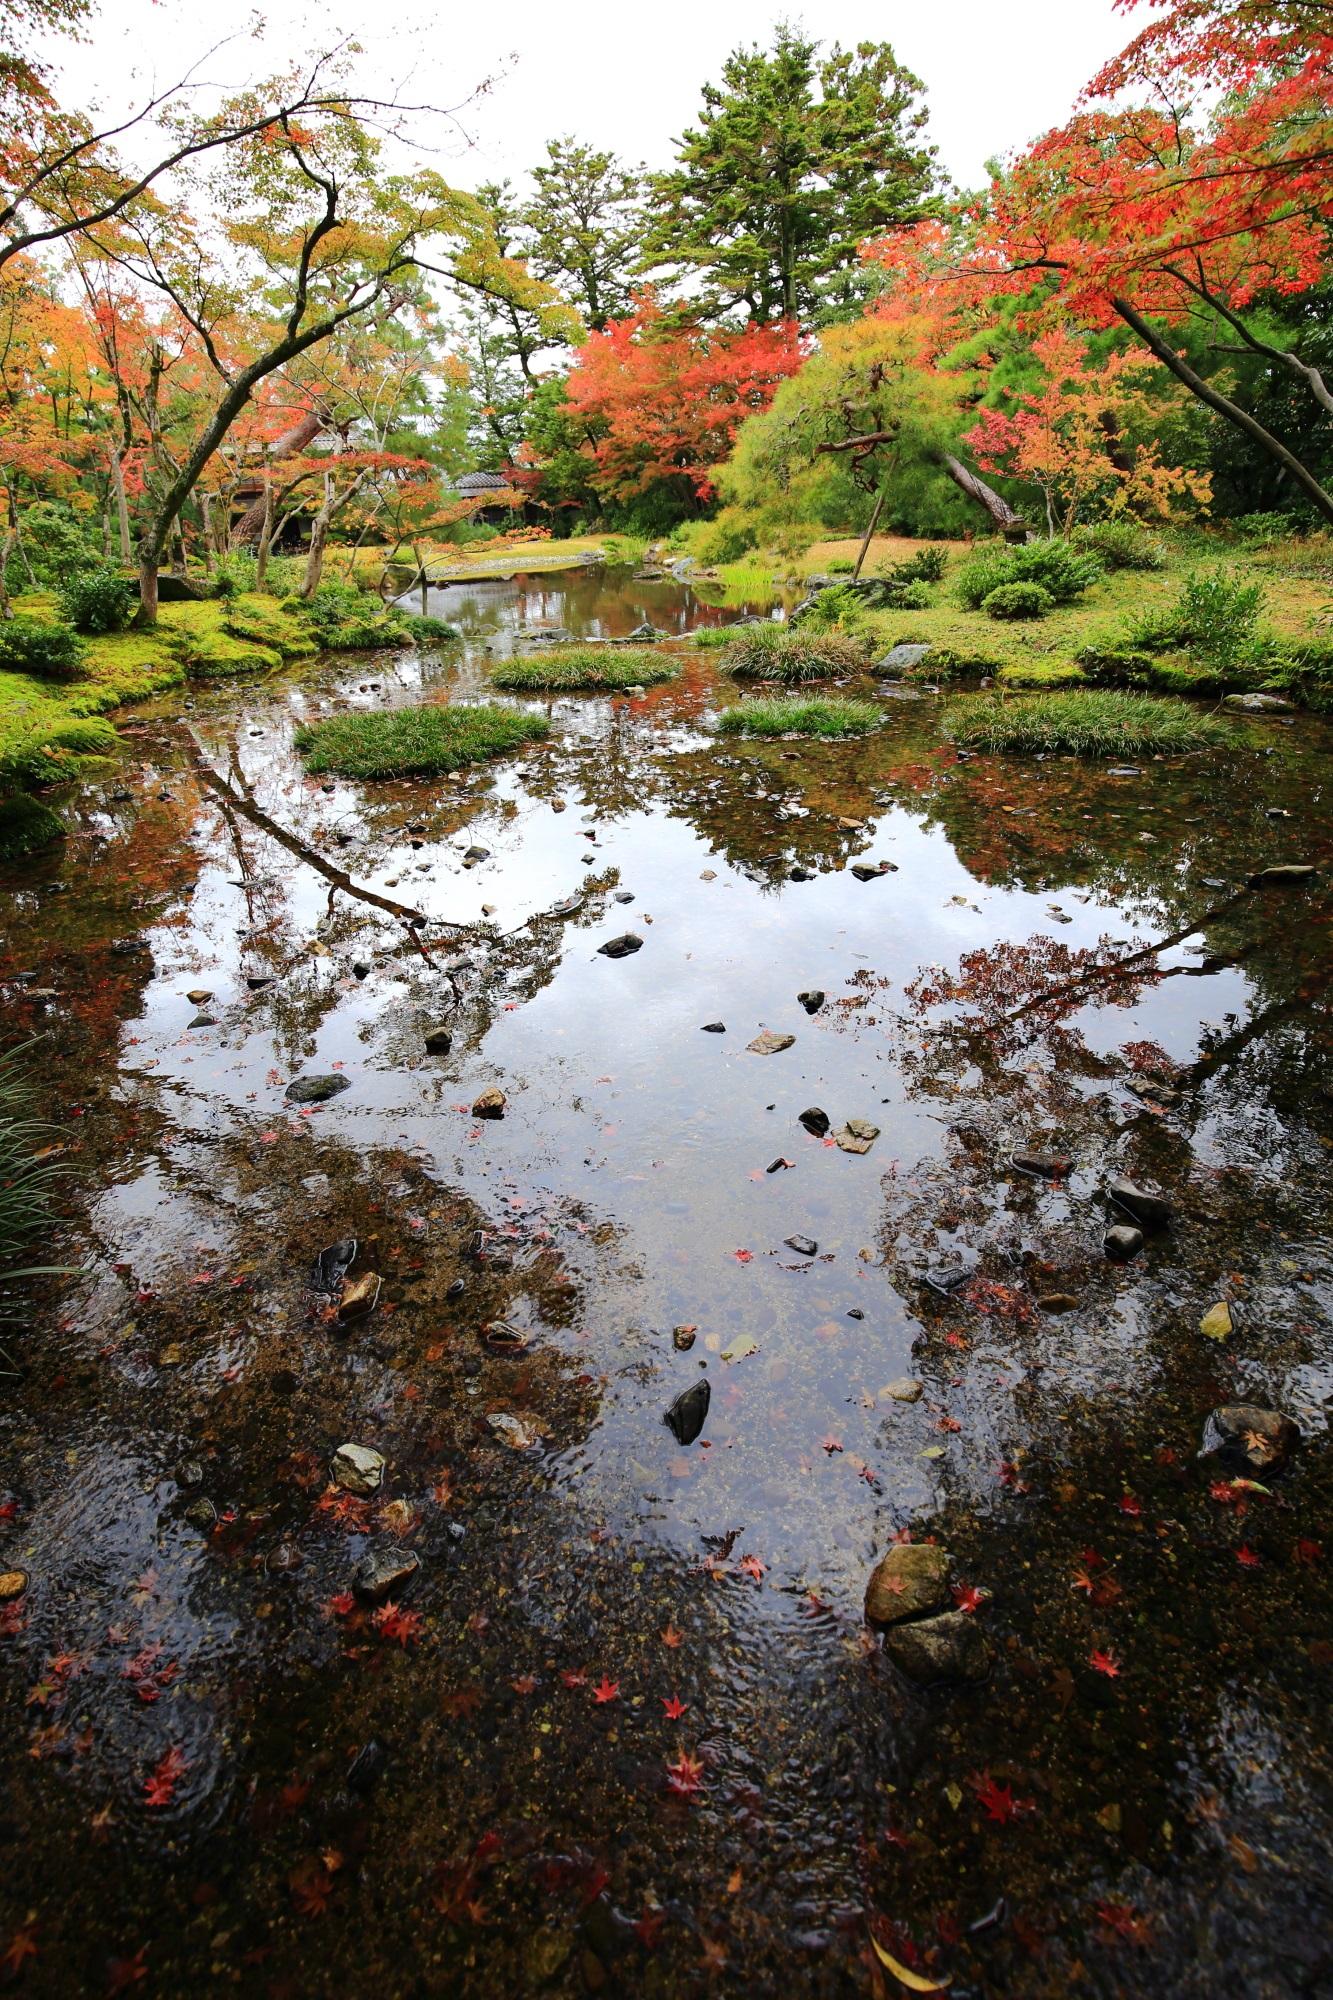 無鄰菴の庭園奥の滝の近くからの眺めた水辺の紅葉